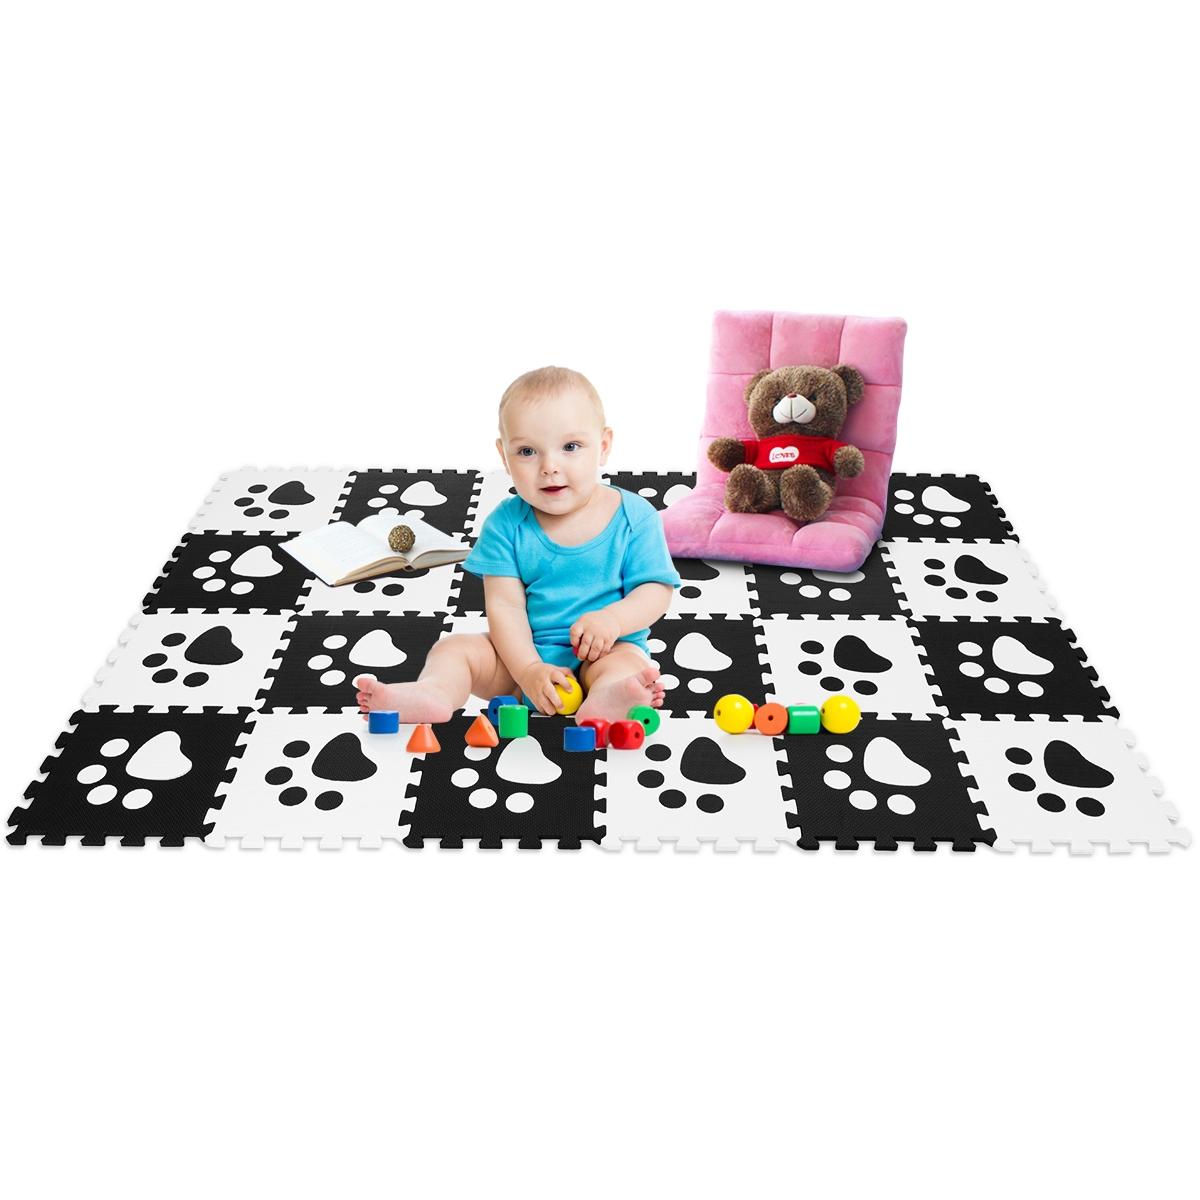 24 Pieces Baby Kids Carpet Puzzle Exercise Mat